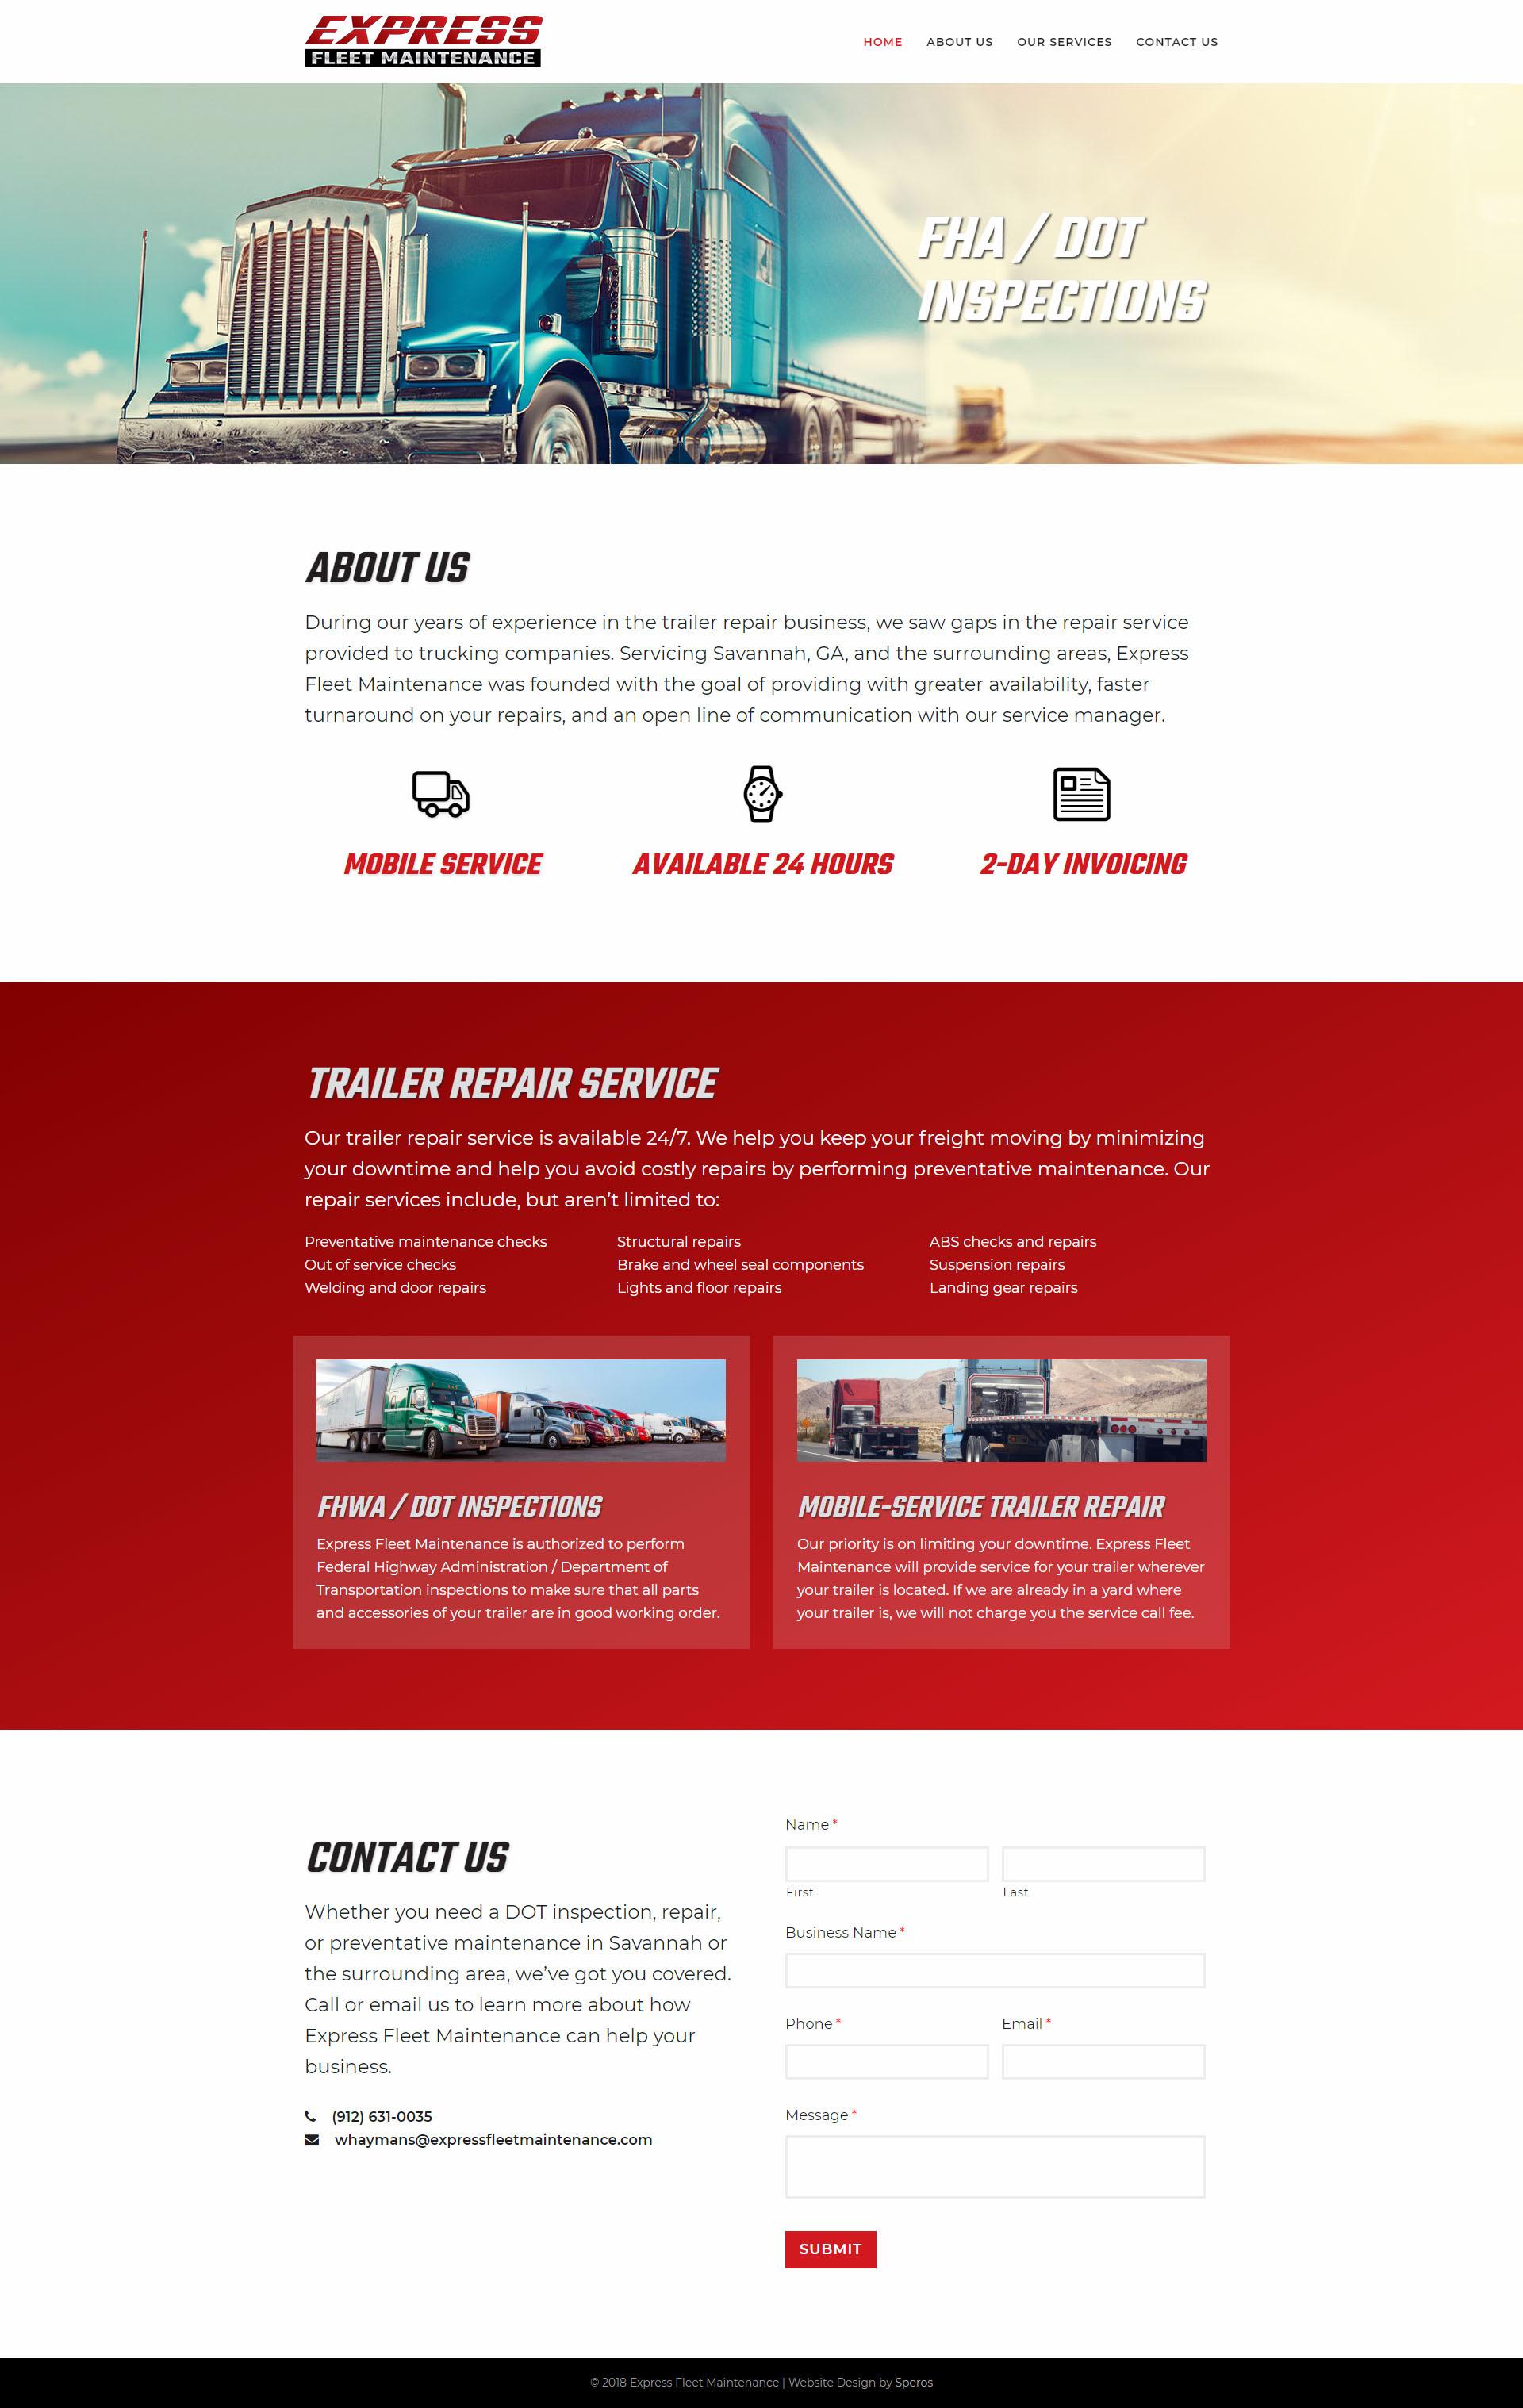 Express Fleet Maintenance website - Speros - Savannah, GA